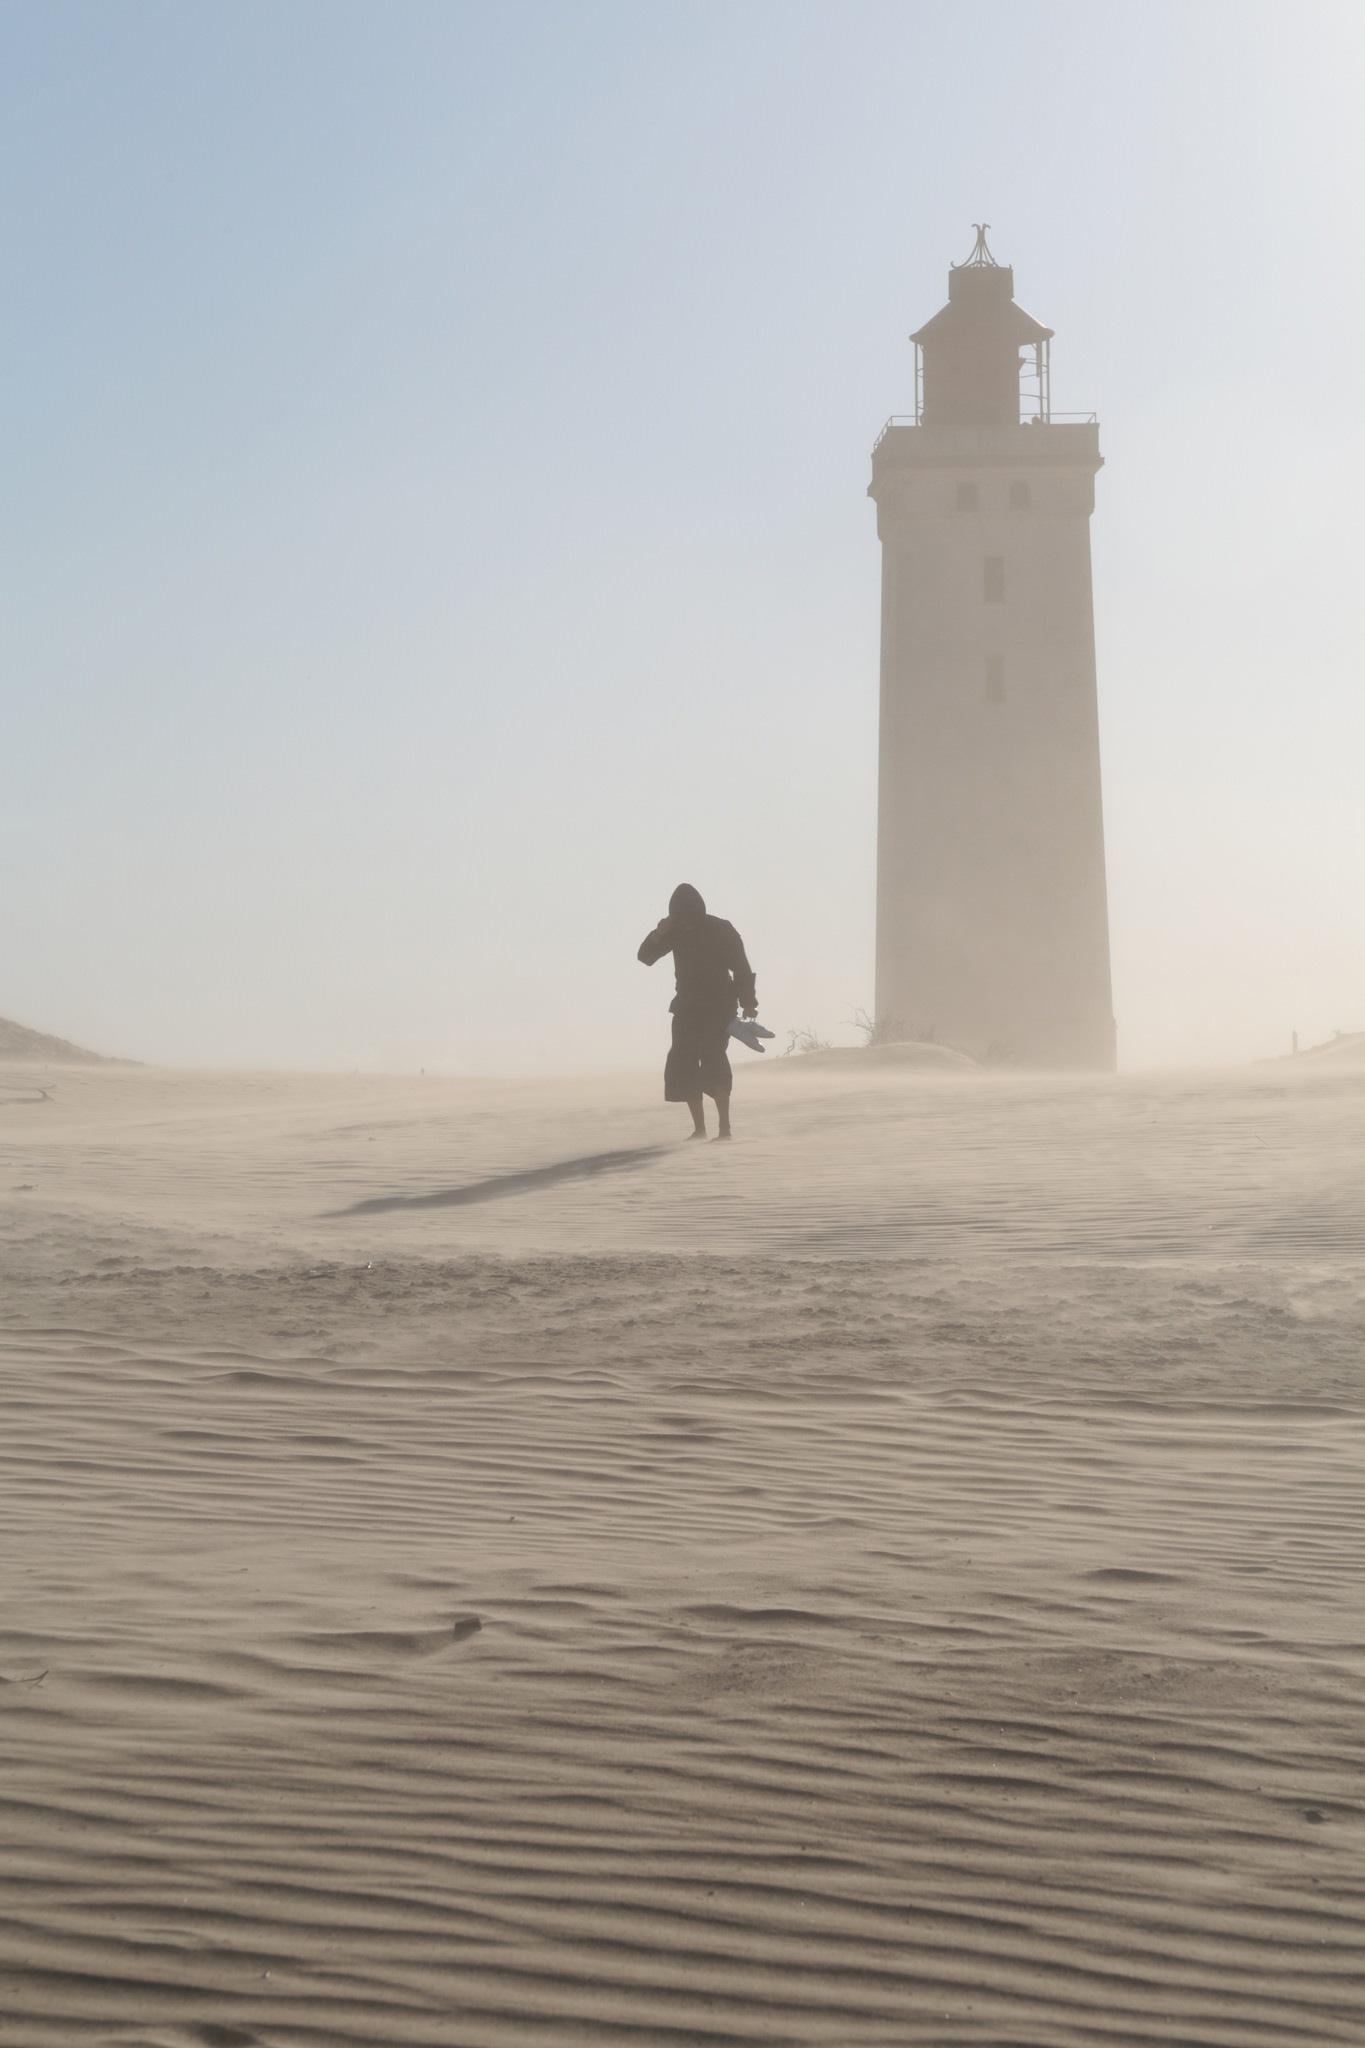 Sandstorm in Denmark by bira84